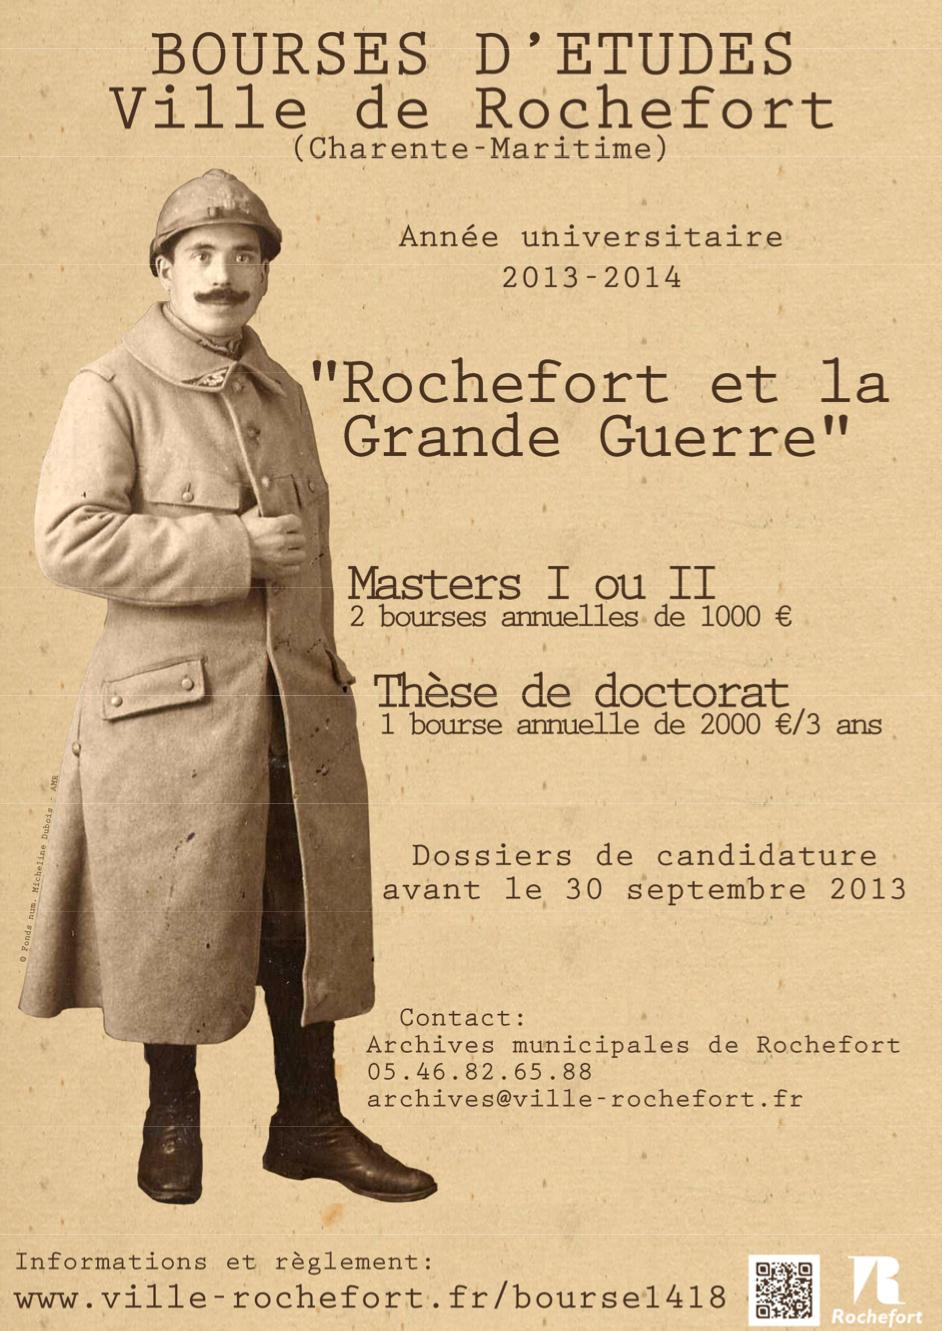 Bourses de la ville de Rochefort